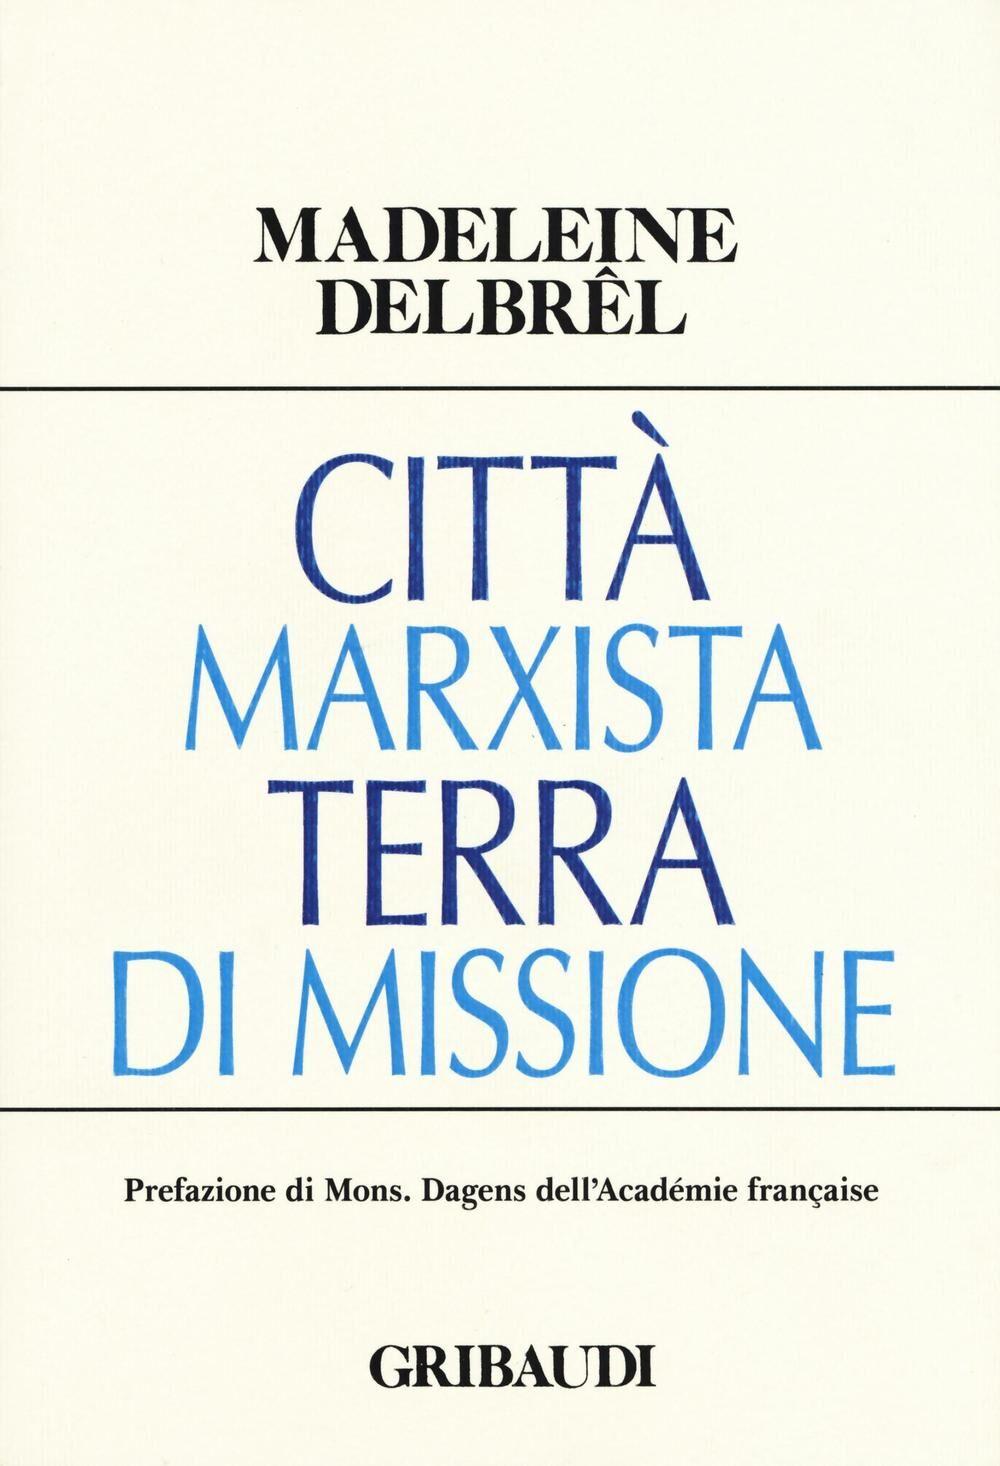 Città marxista terra di missione